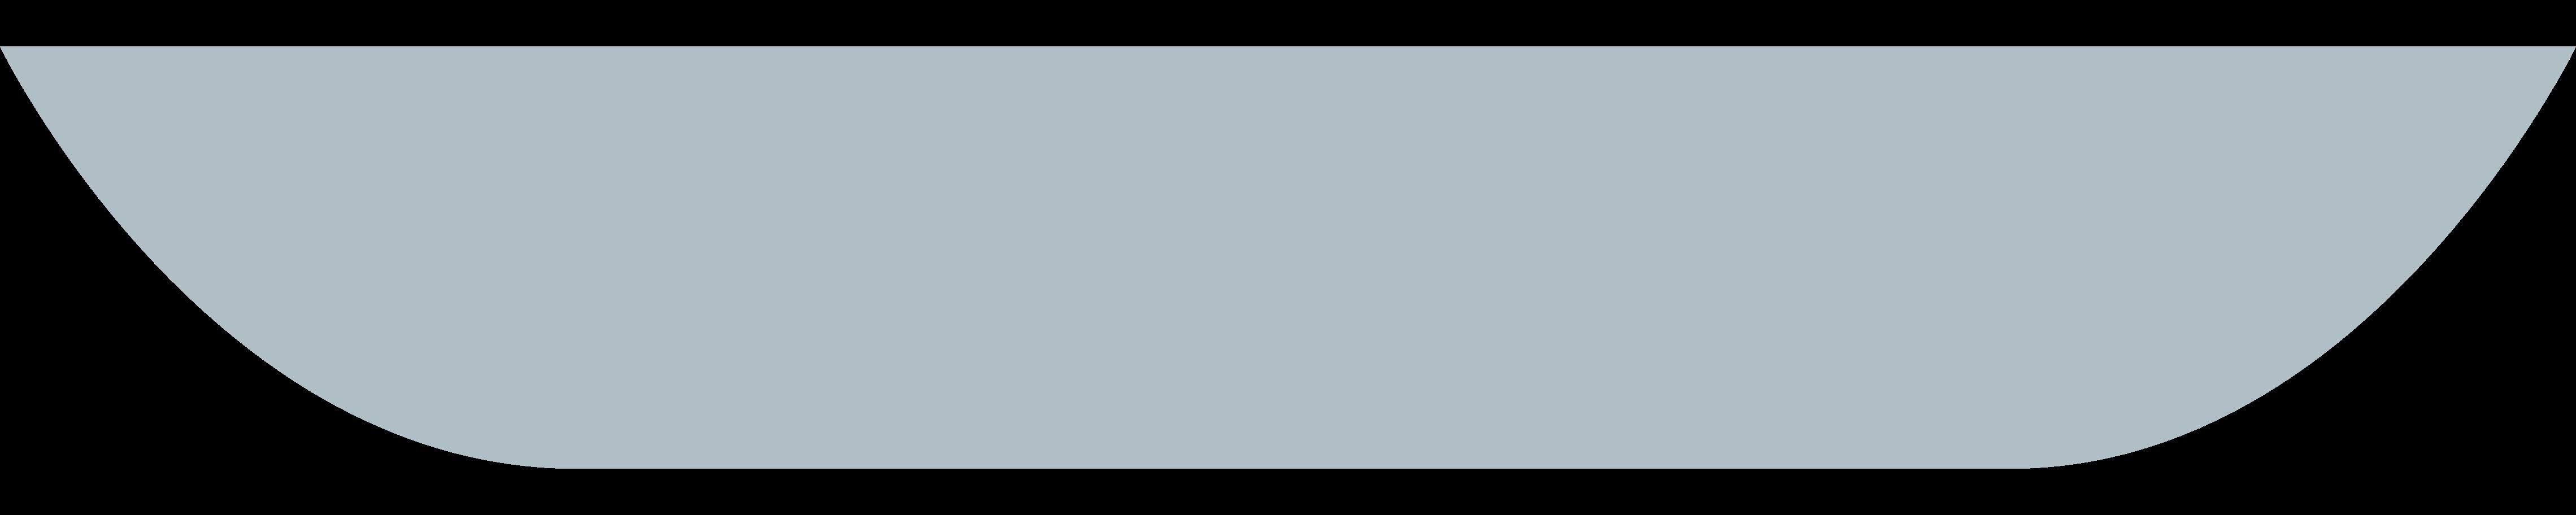 saucer grey Clipart illustration in PNG, SVG